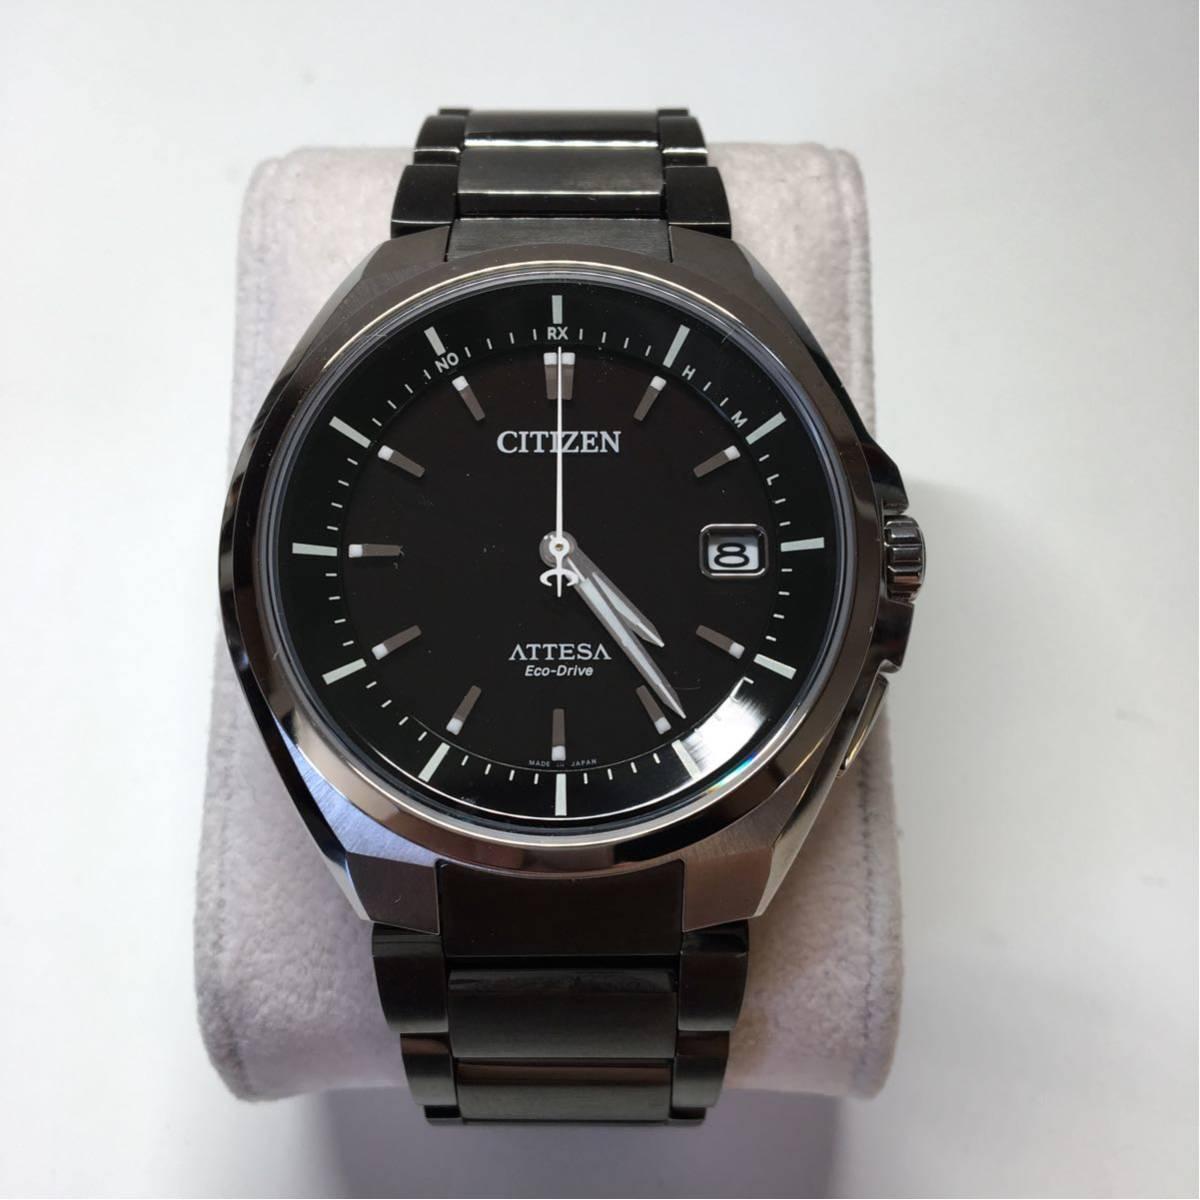 CITIZEN シチズン エコドライブ ATTESA 美品 ジャンク メンズ 腕時計_画像3